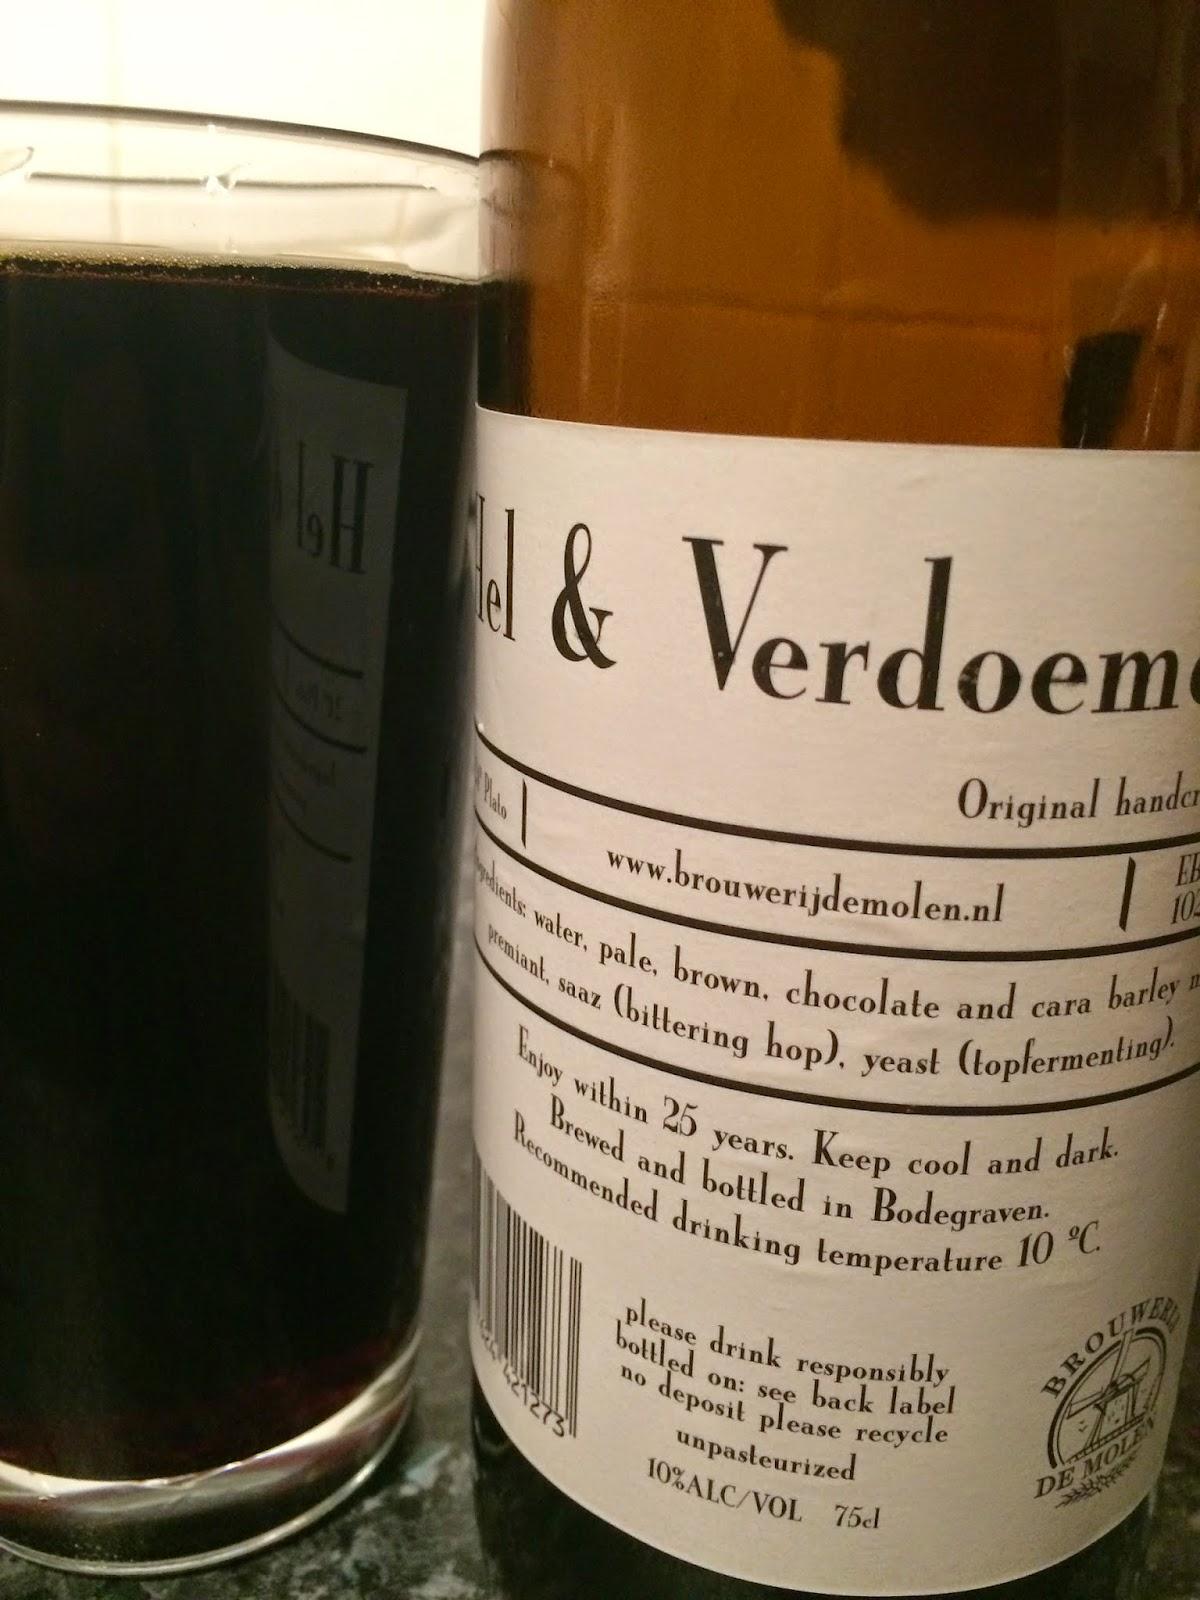 Hel & Verdoemenis